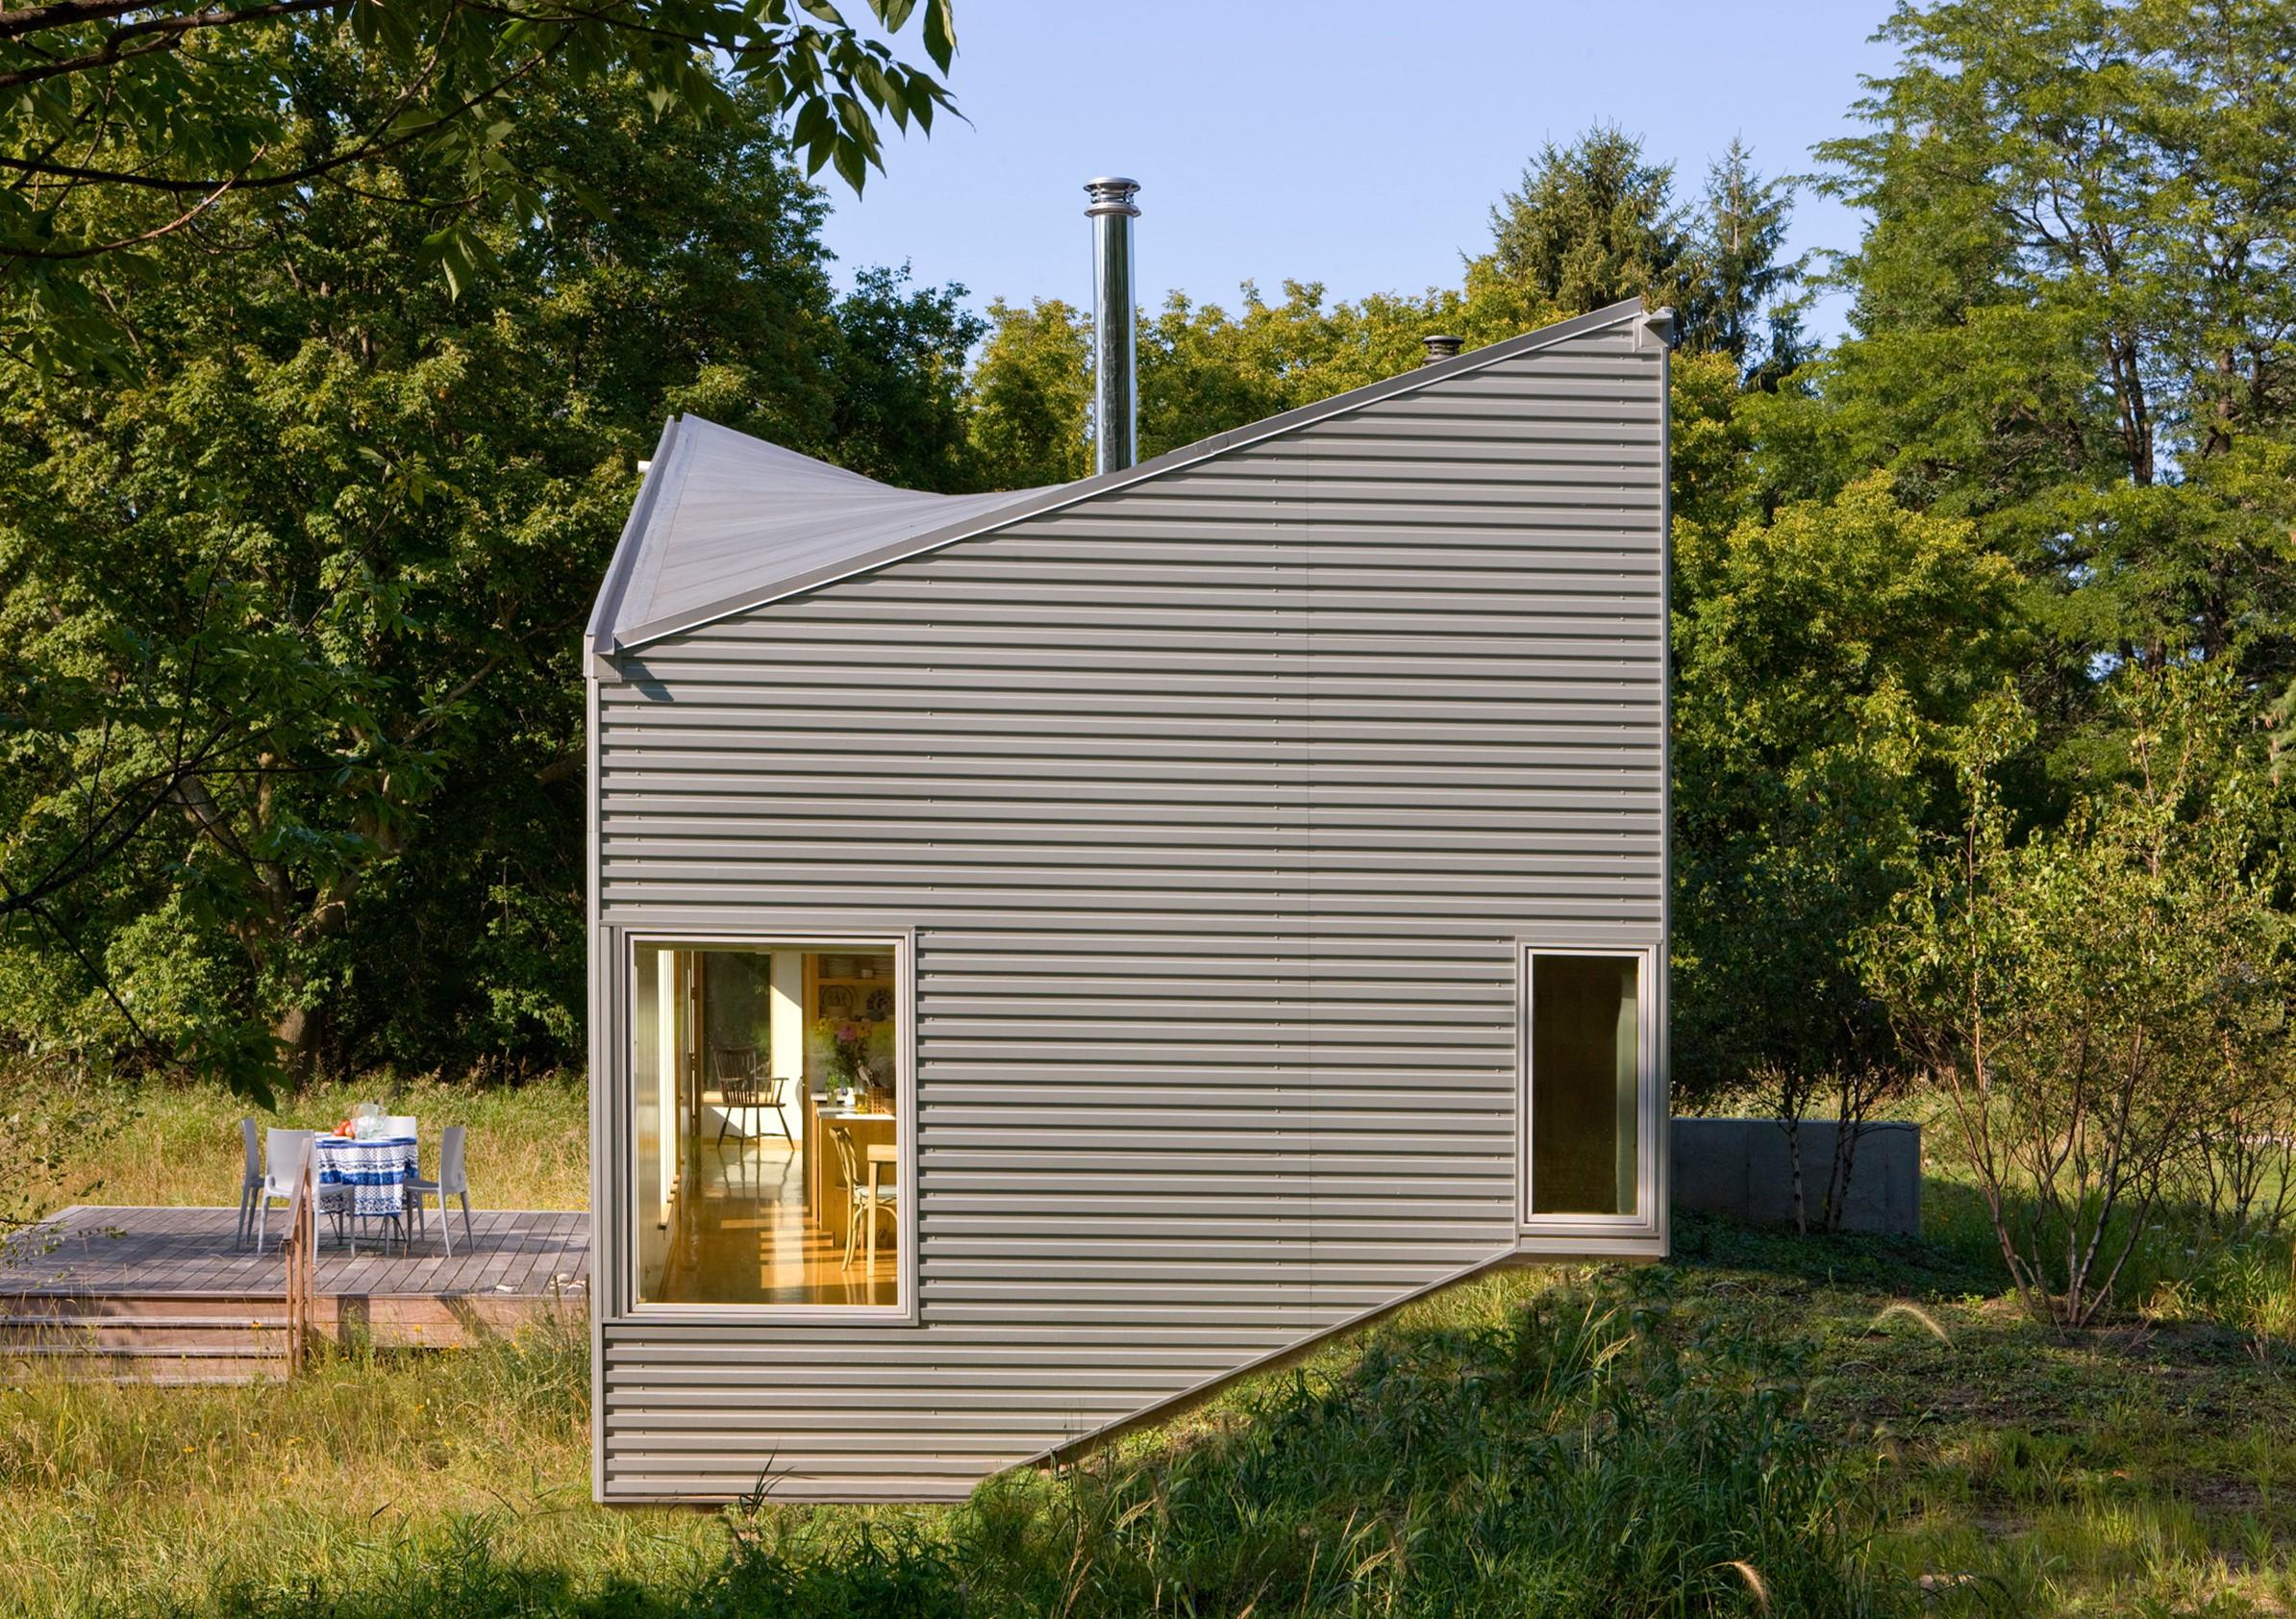 Architectural Statement